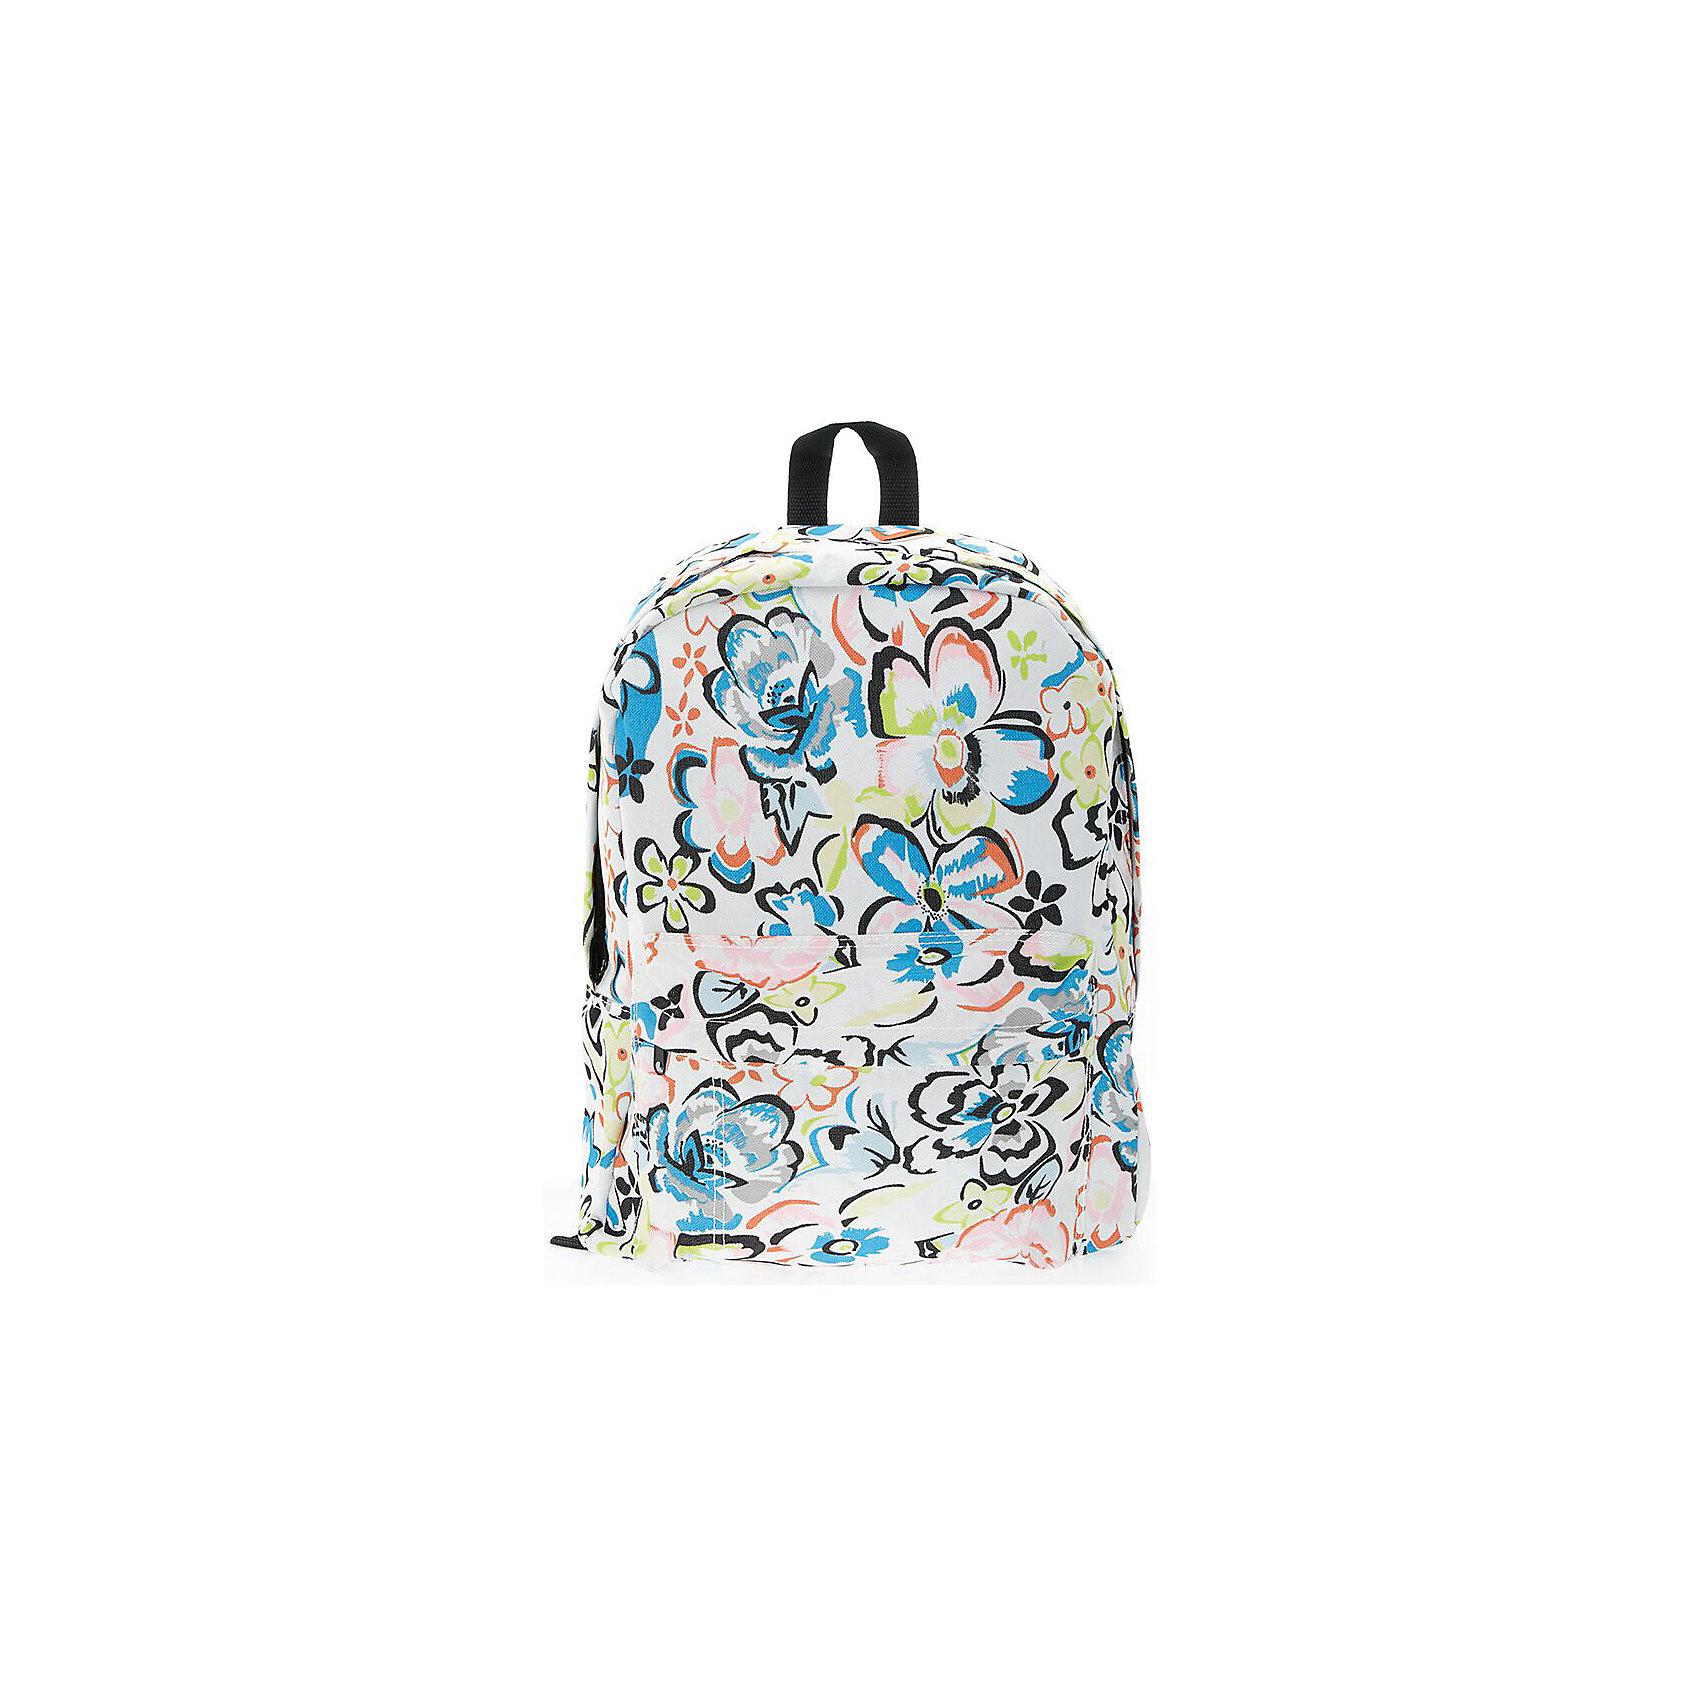 Рюкзак Цветы, цвет мультиРюкзаки<br>Характеристики товара:<br><br>• цвет: мульти;<br>• возраст: от 7 лет;<br>• особенности рюкзака: большой, легкий;<br>• вес: 0,3 кг;<br>• размер: 40х32х13 см;<br>• материал: полиэстер;<br>• уплотненная мягкая спинка;<br>• лямки регулируются по росту; <br>уплотненные;<br>• страна бренда: США;<br>• страна изготовитель: Китай.<br><br>Стильный, вместительный и практичный, рюкзак понравится и школьникам, и студентам. Просторный внутренний отсек, наружний карман на молнии будут очень удобны в использовании.<br><br>Рюкзак «Цветы» можно купить в нашем интернет-магазине.<br><br>Ширина мм: 400<br>Глубина мм: 320<br>Высота мм: 130<br>Вес г: 300<br>Возраст от месяцев: 84<br>Возраст до месяцев: 720<br>Пол: Унисекс<br>Возраст: Детский<br>SKU: 7054027